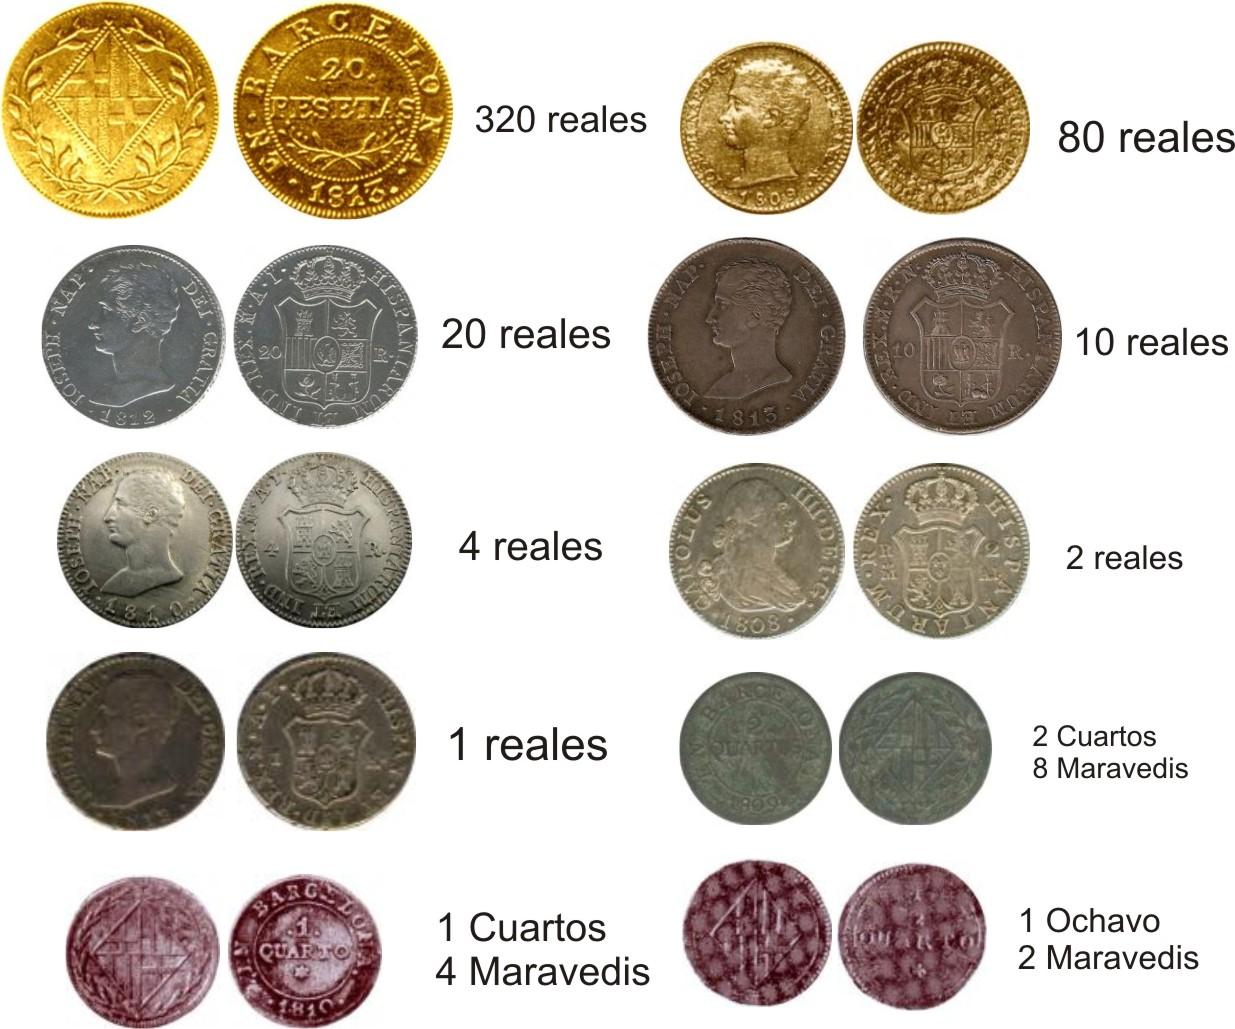 20140325132306-monedas-espana-1810-.jpg